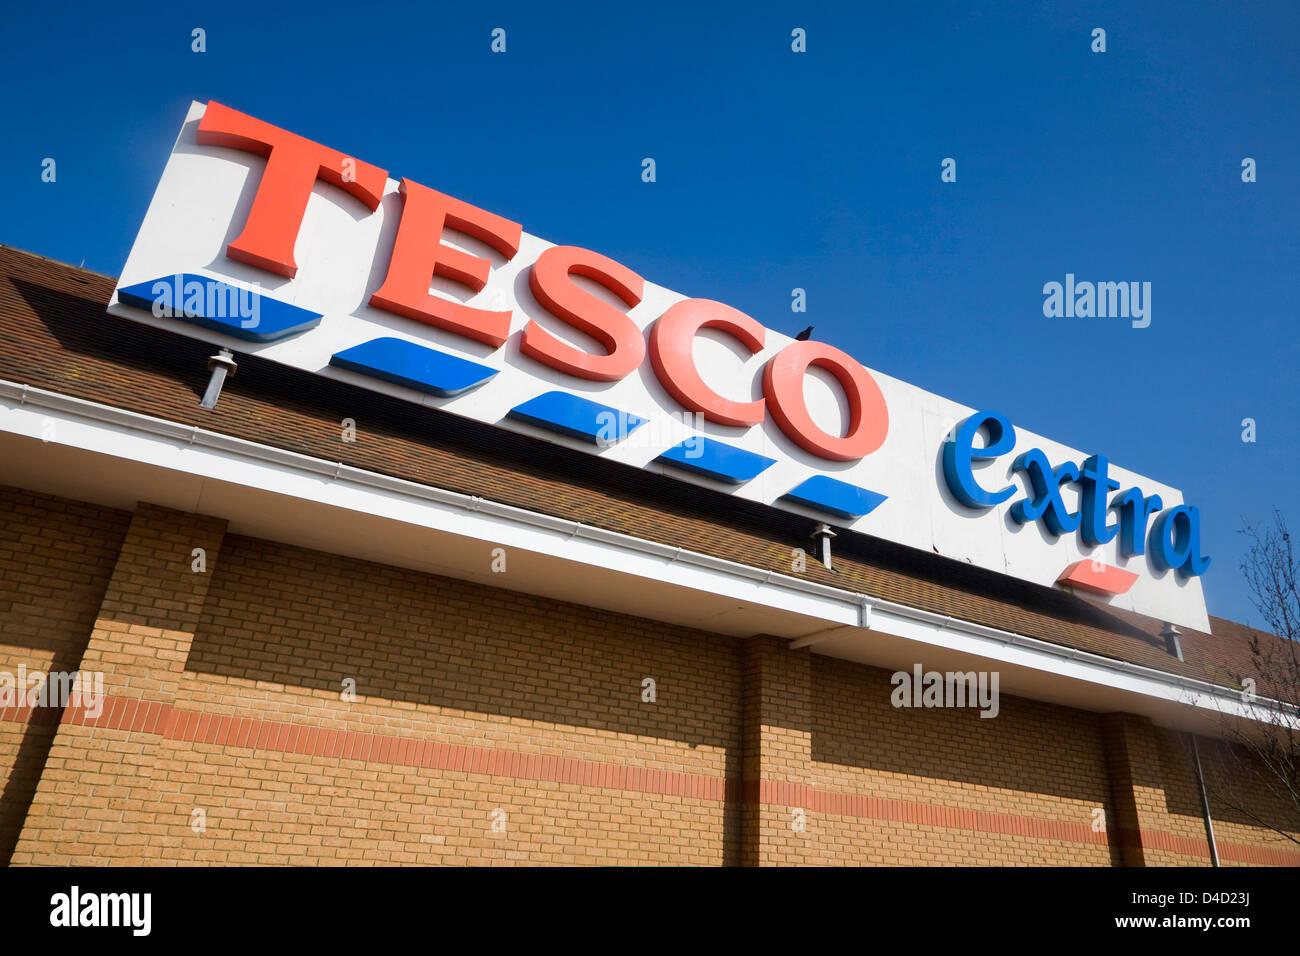 Tescos Shopping Stock Photos Tescos Shopping Stock Images